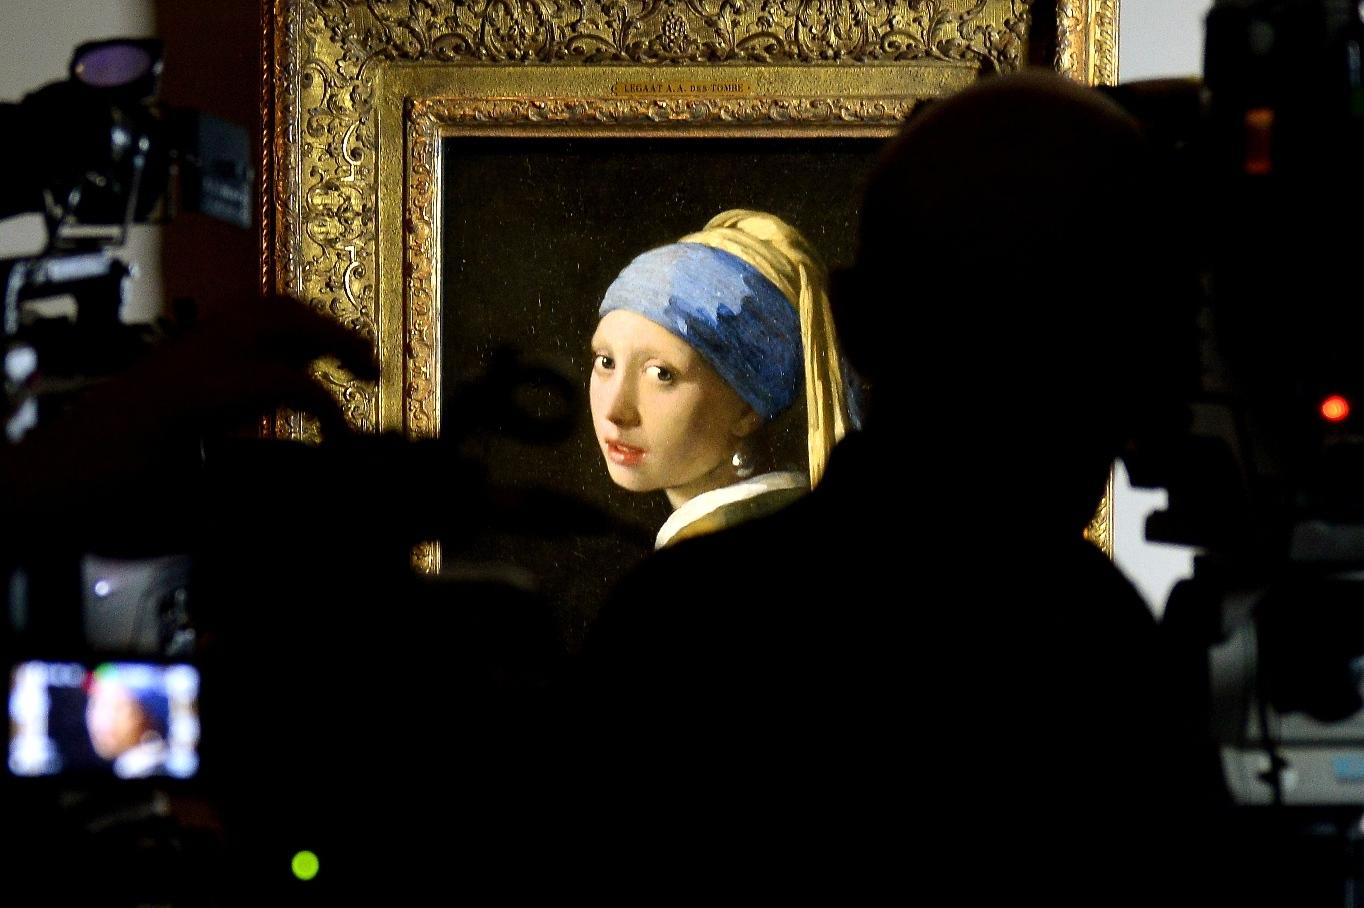 La ragazza con l 39 orecchino di perla a bologna tra euforia - La ragazza alla finestra dali ...